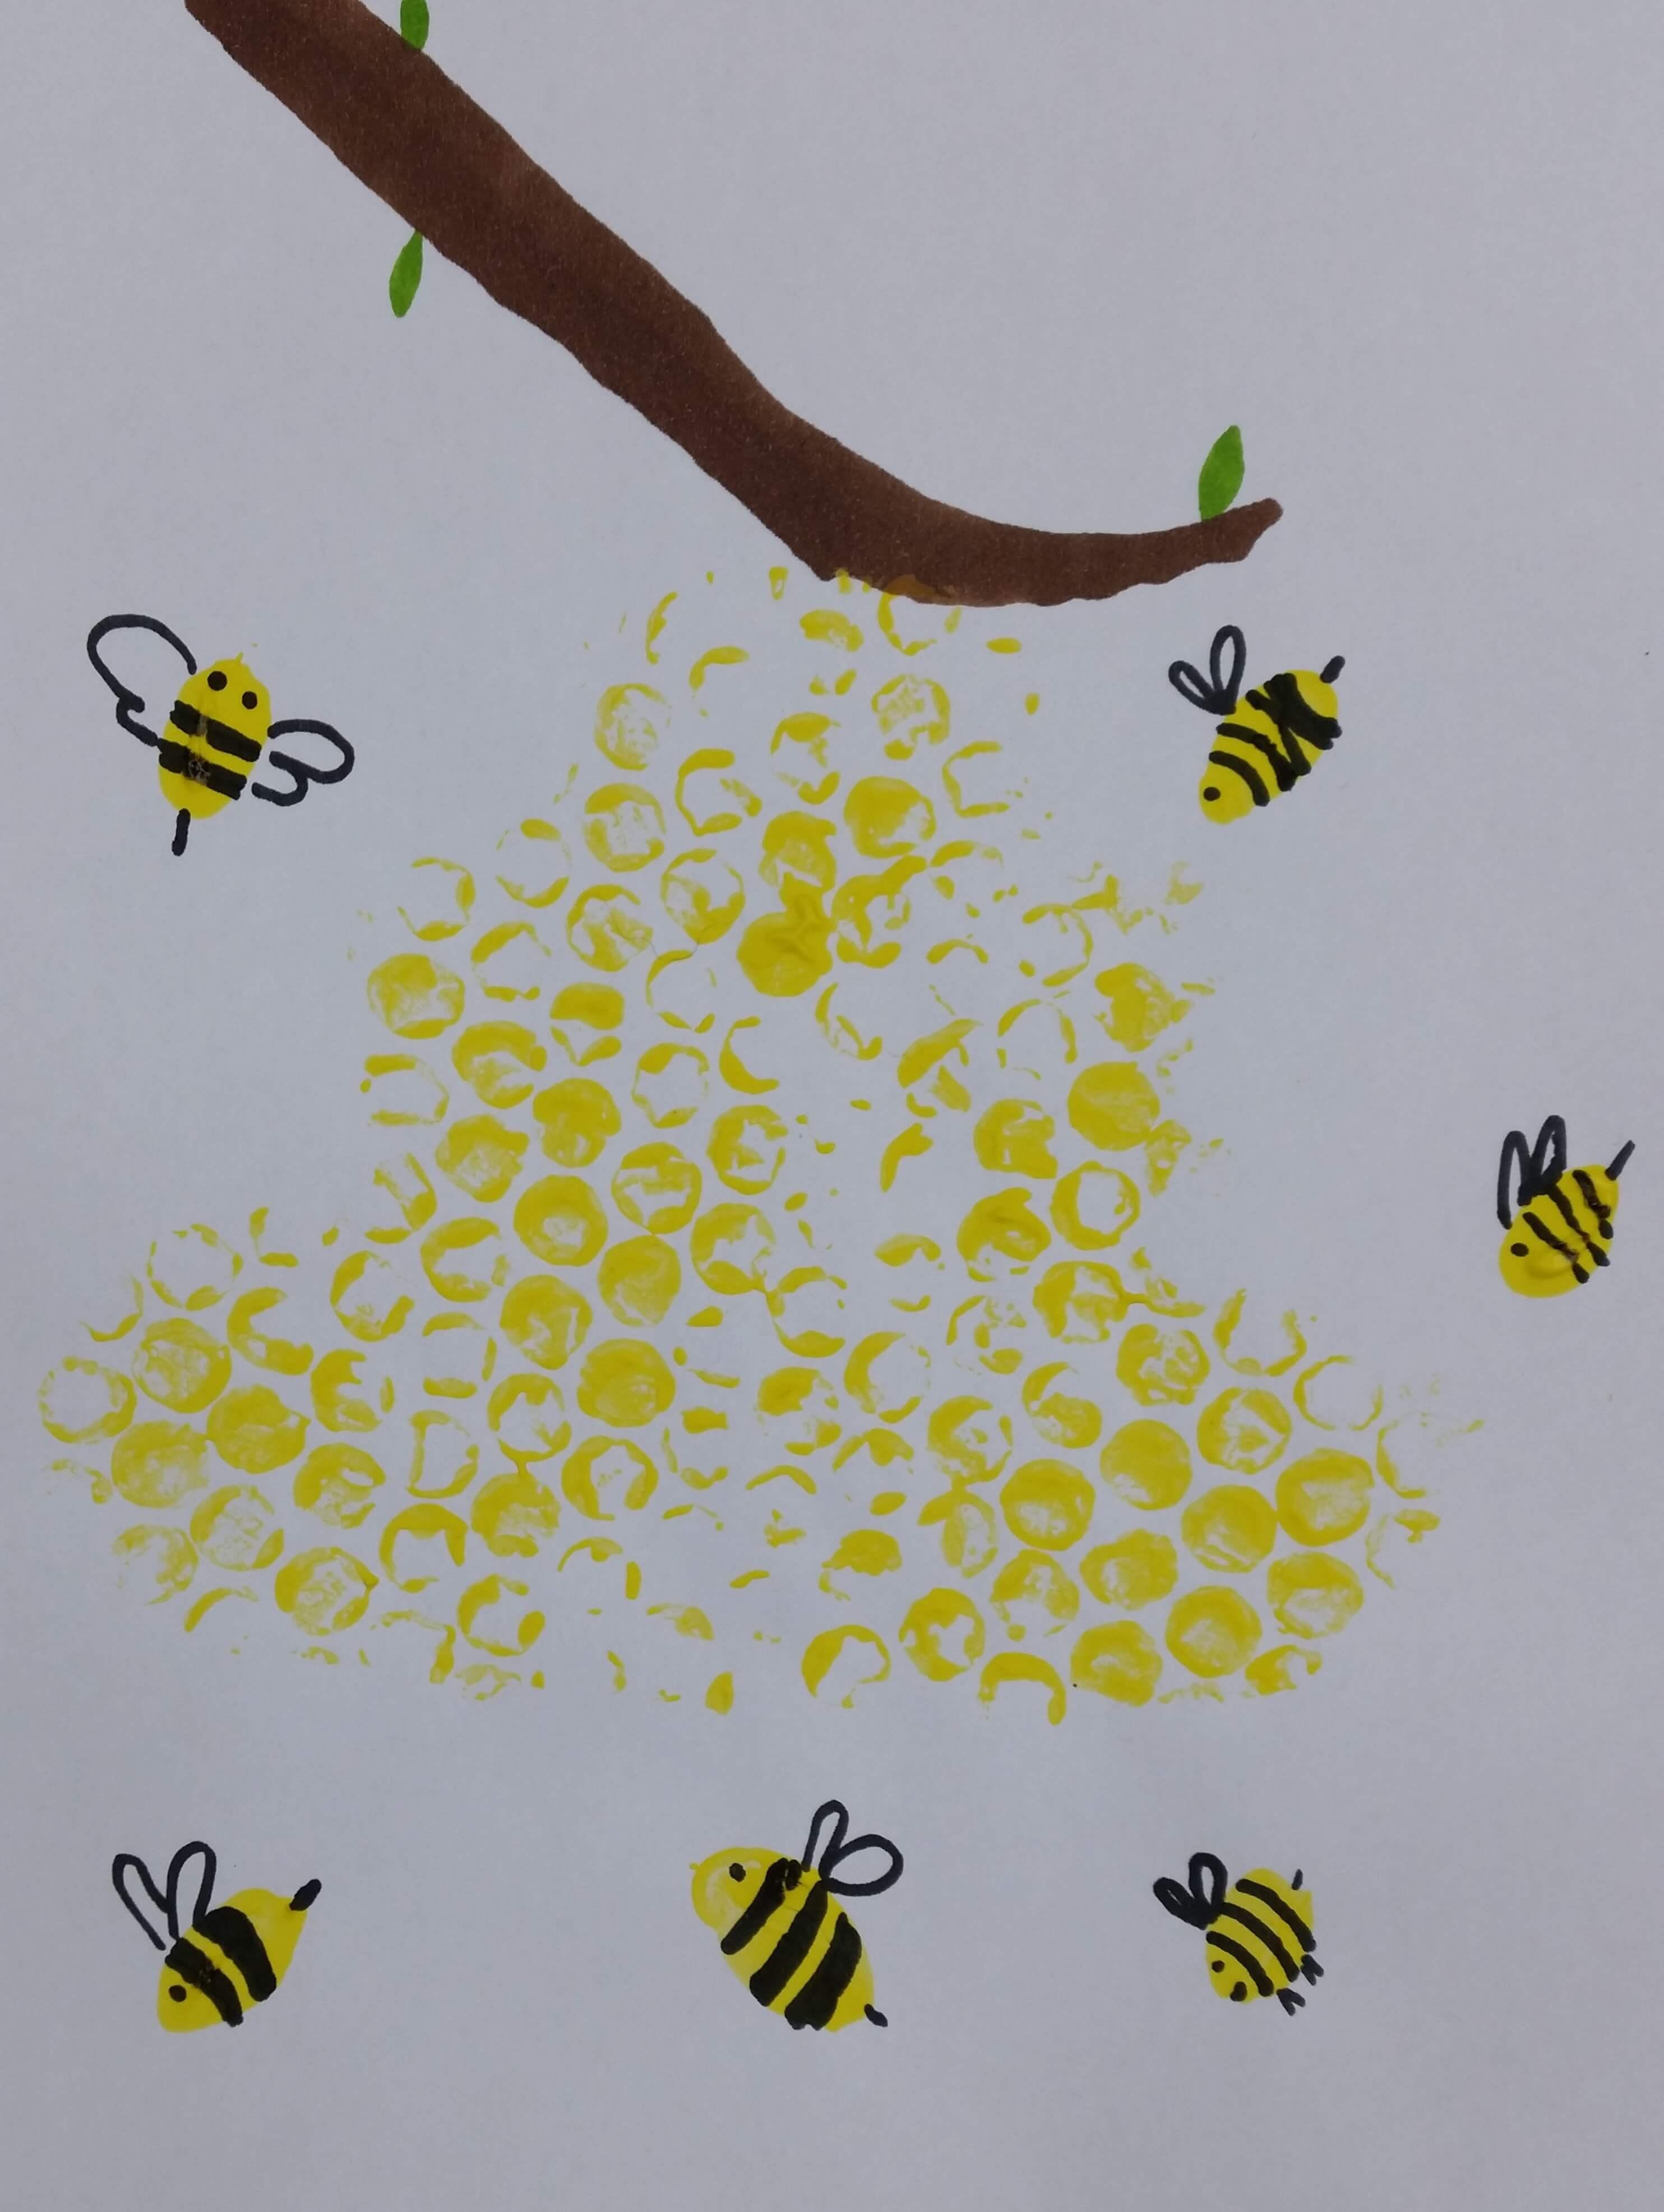 Arbeitsblatt Bienen Grundschule : Bienenstock und bienen malen basteln mit kindern